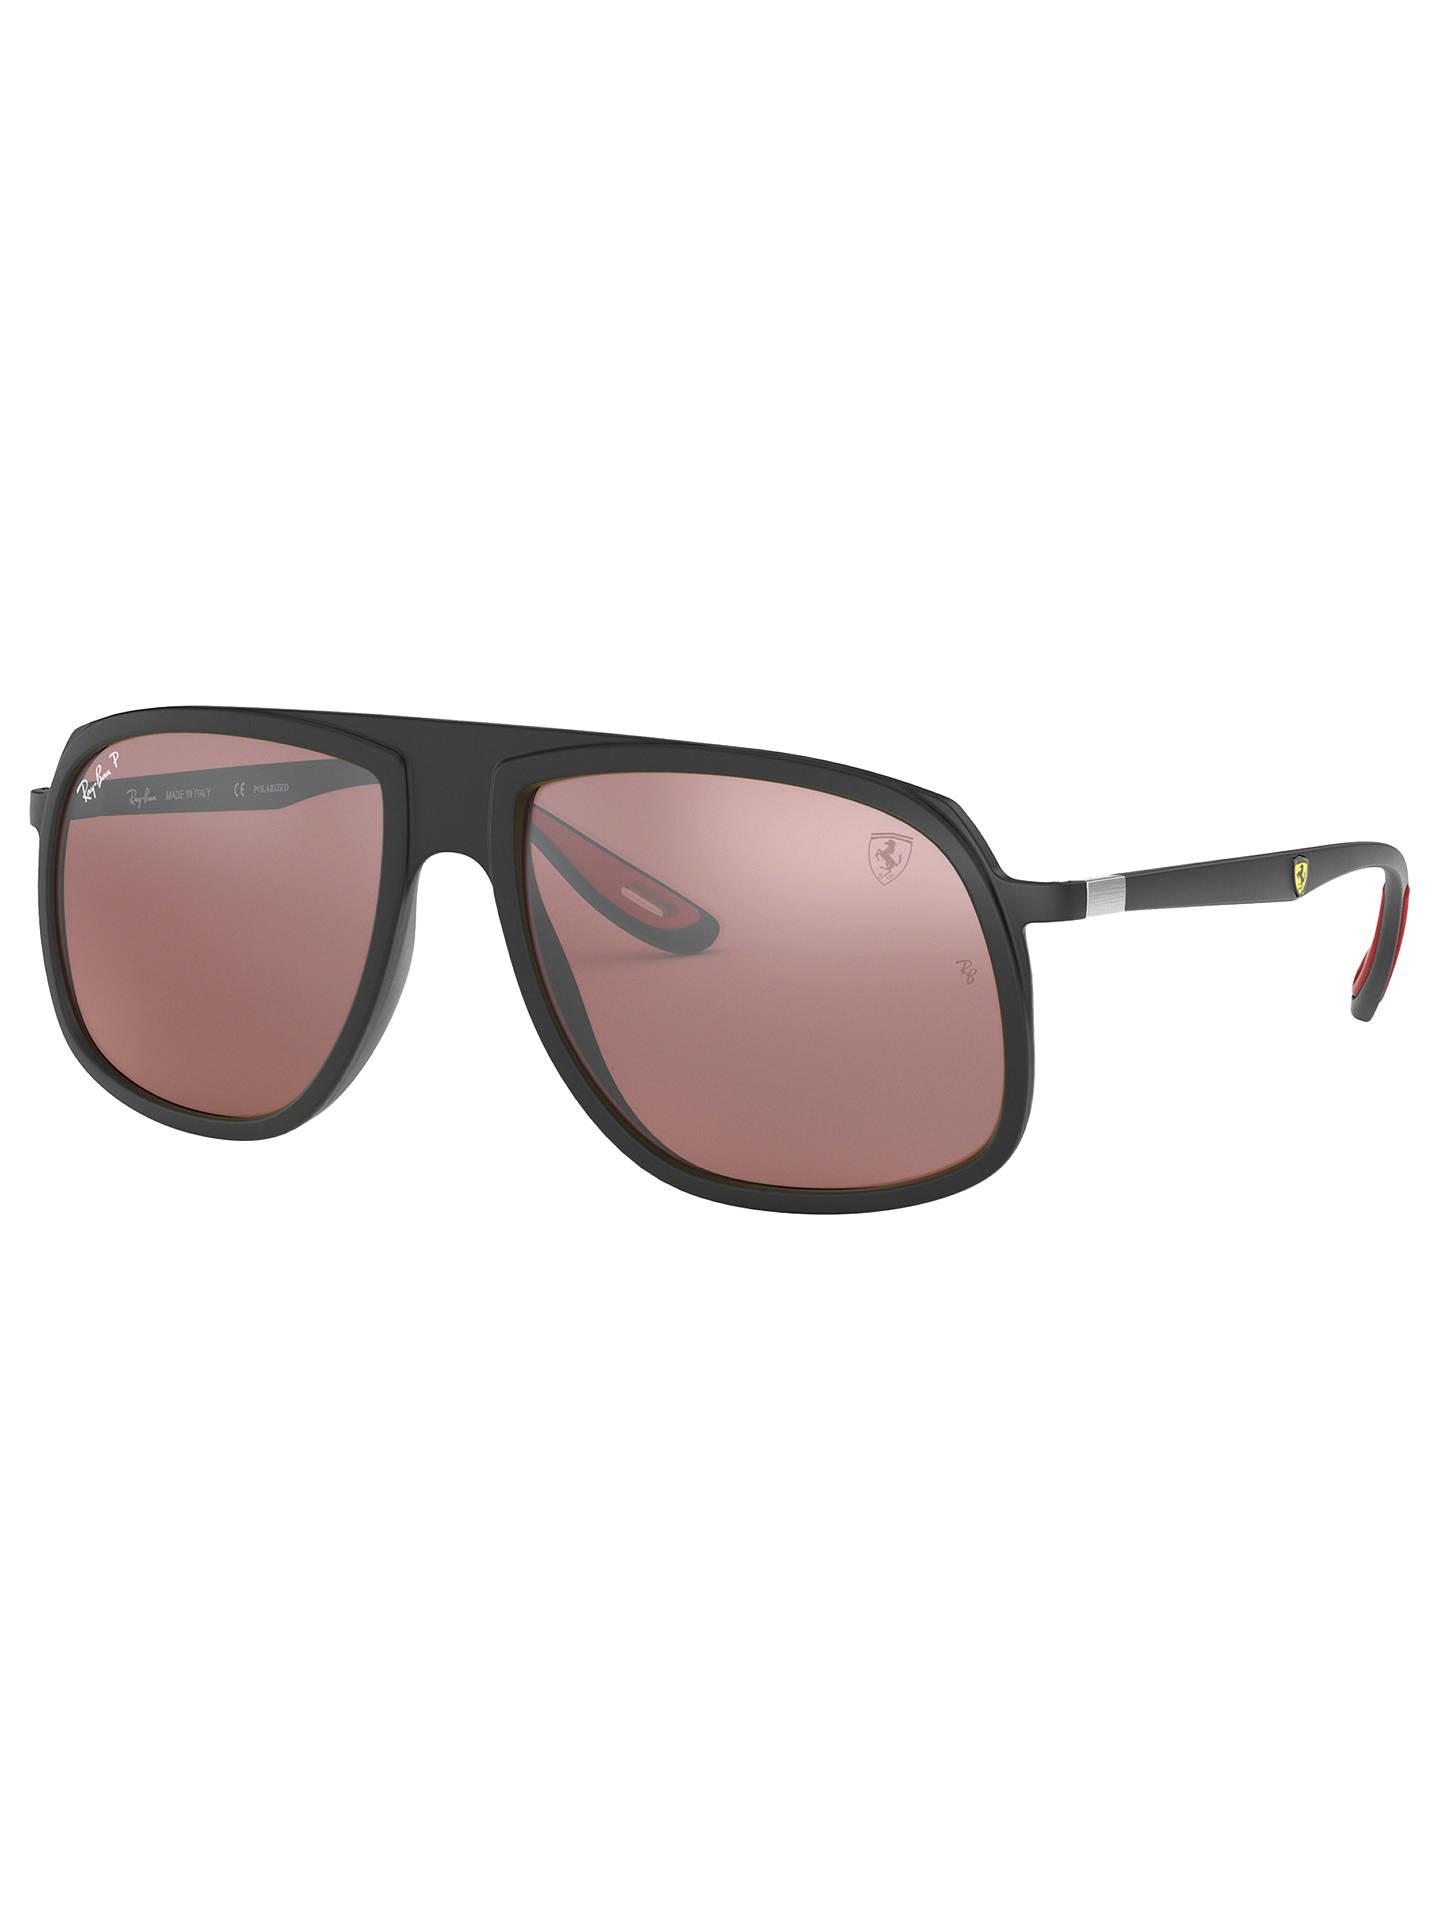 bd7a939481 Buy Ray-Ban RB4308M Men s Scuderia Ferrari Collection Polarised Square  Sunglasses